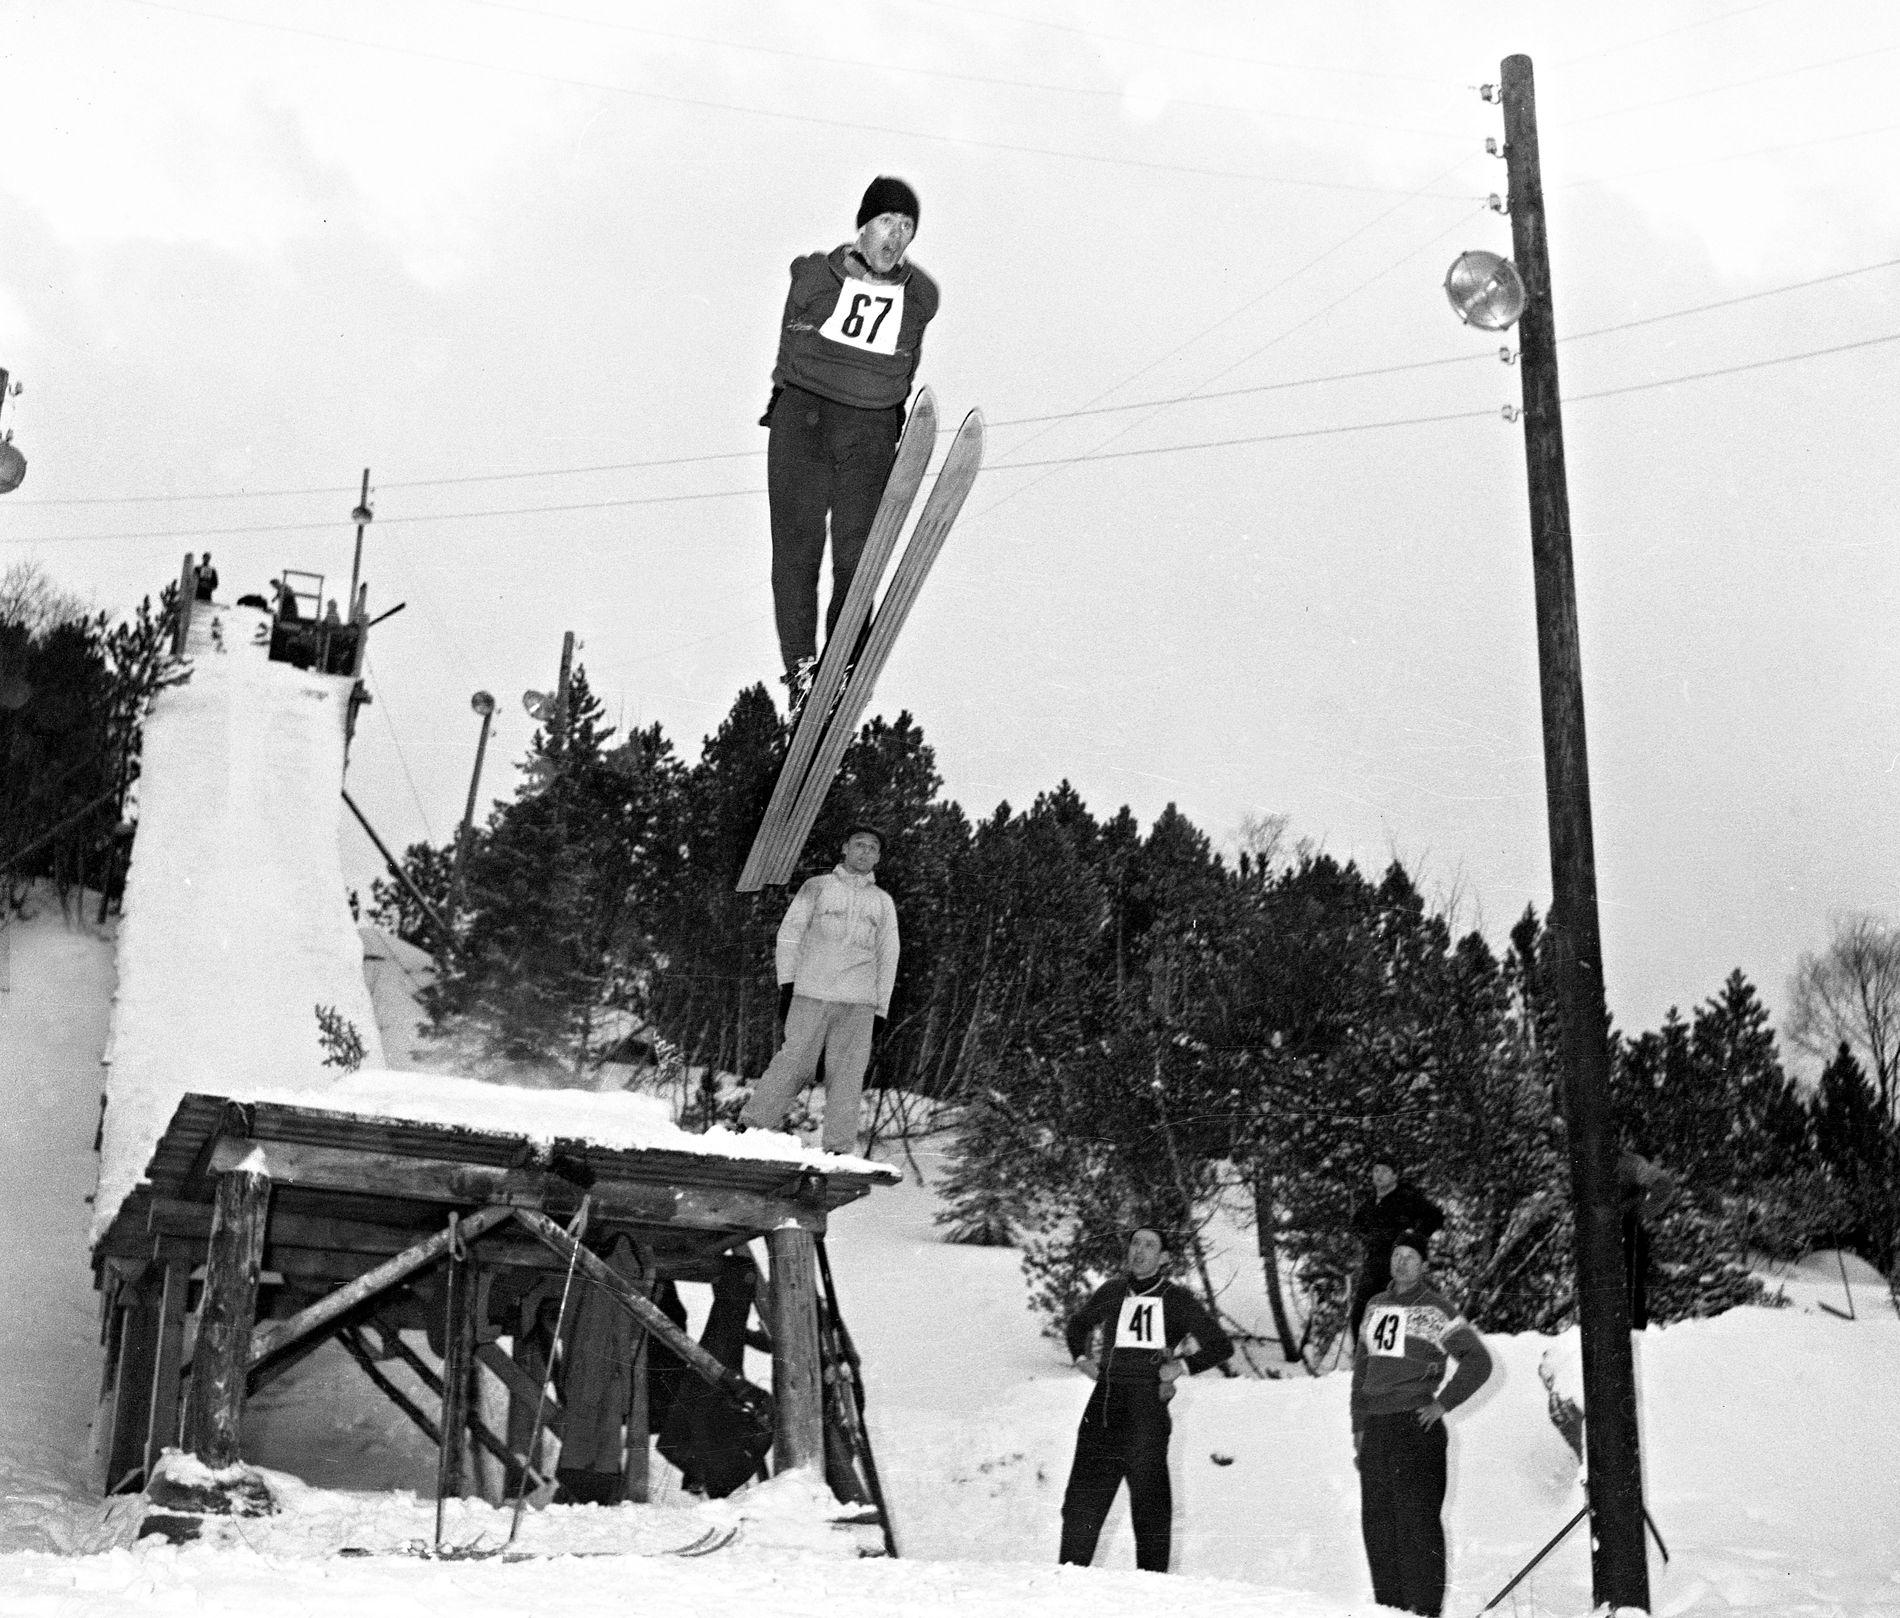 MESTERSKAP: Fra kretsmesterskapet i hopp i Granbakken på Fløyen i januar 1958.